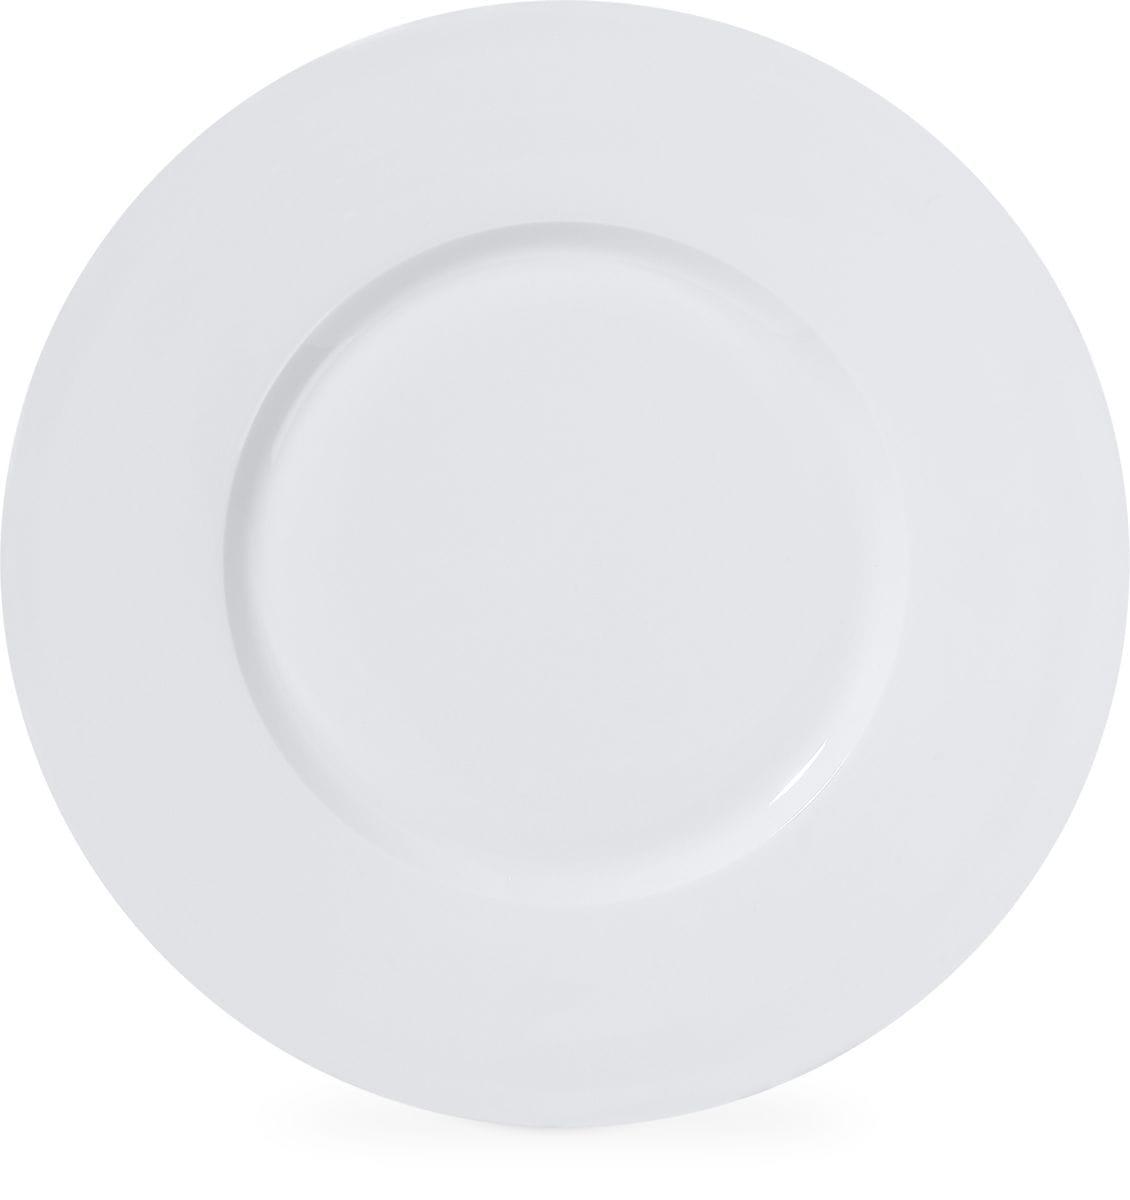 Cucina & Tavola PRIME Piatto da dessert